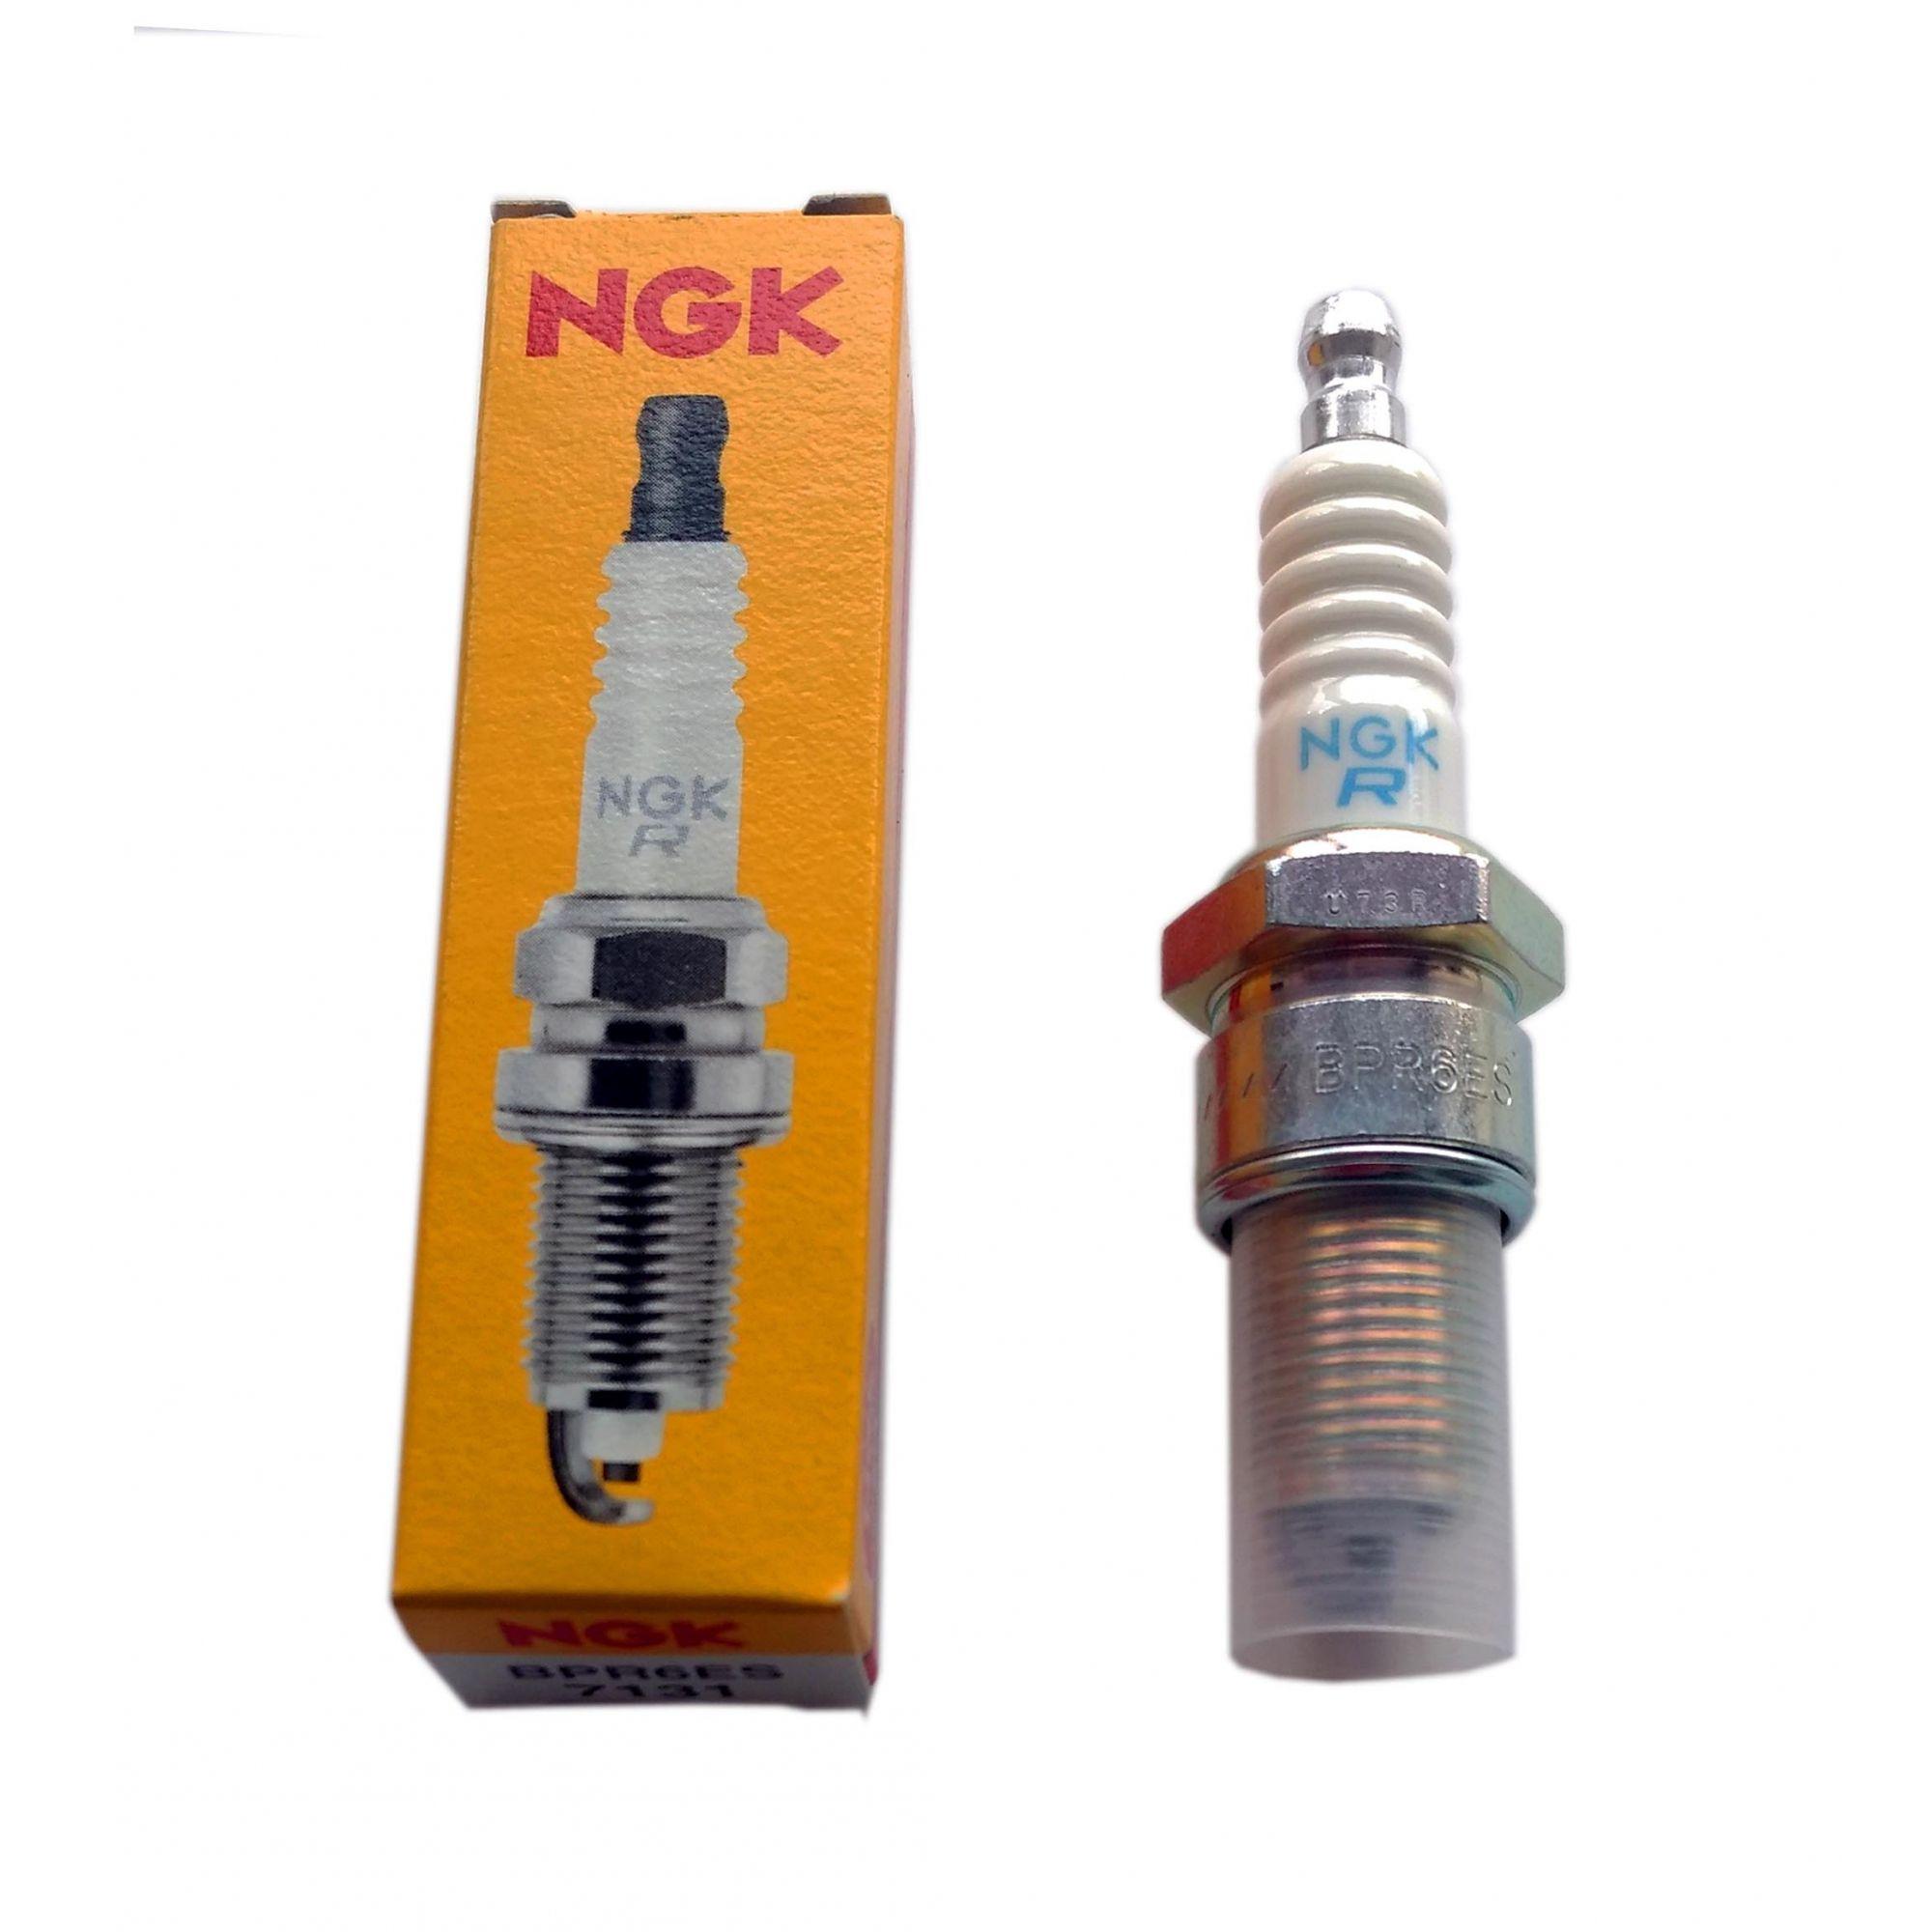 Vela NGK BPR6ES  5,5-6,5-13 HP - 488